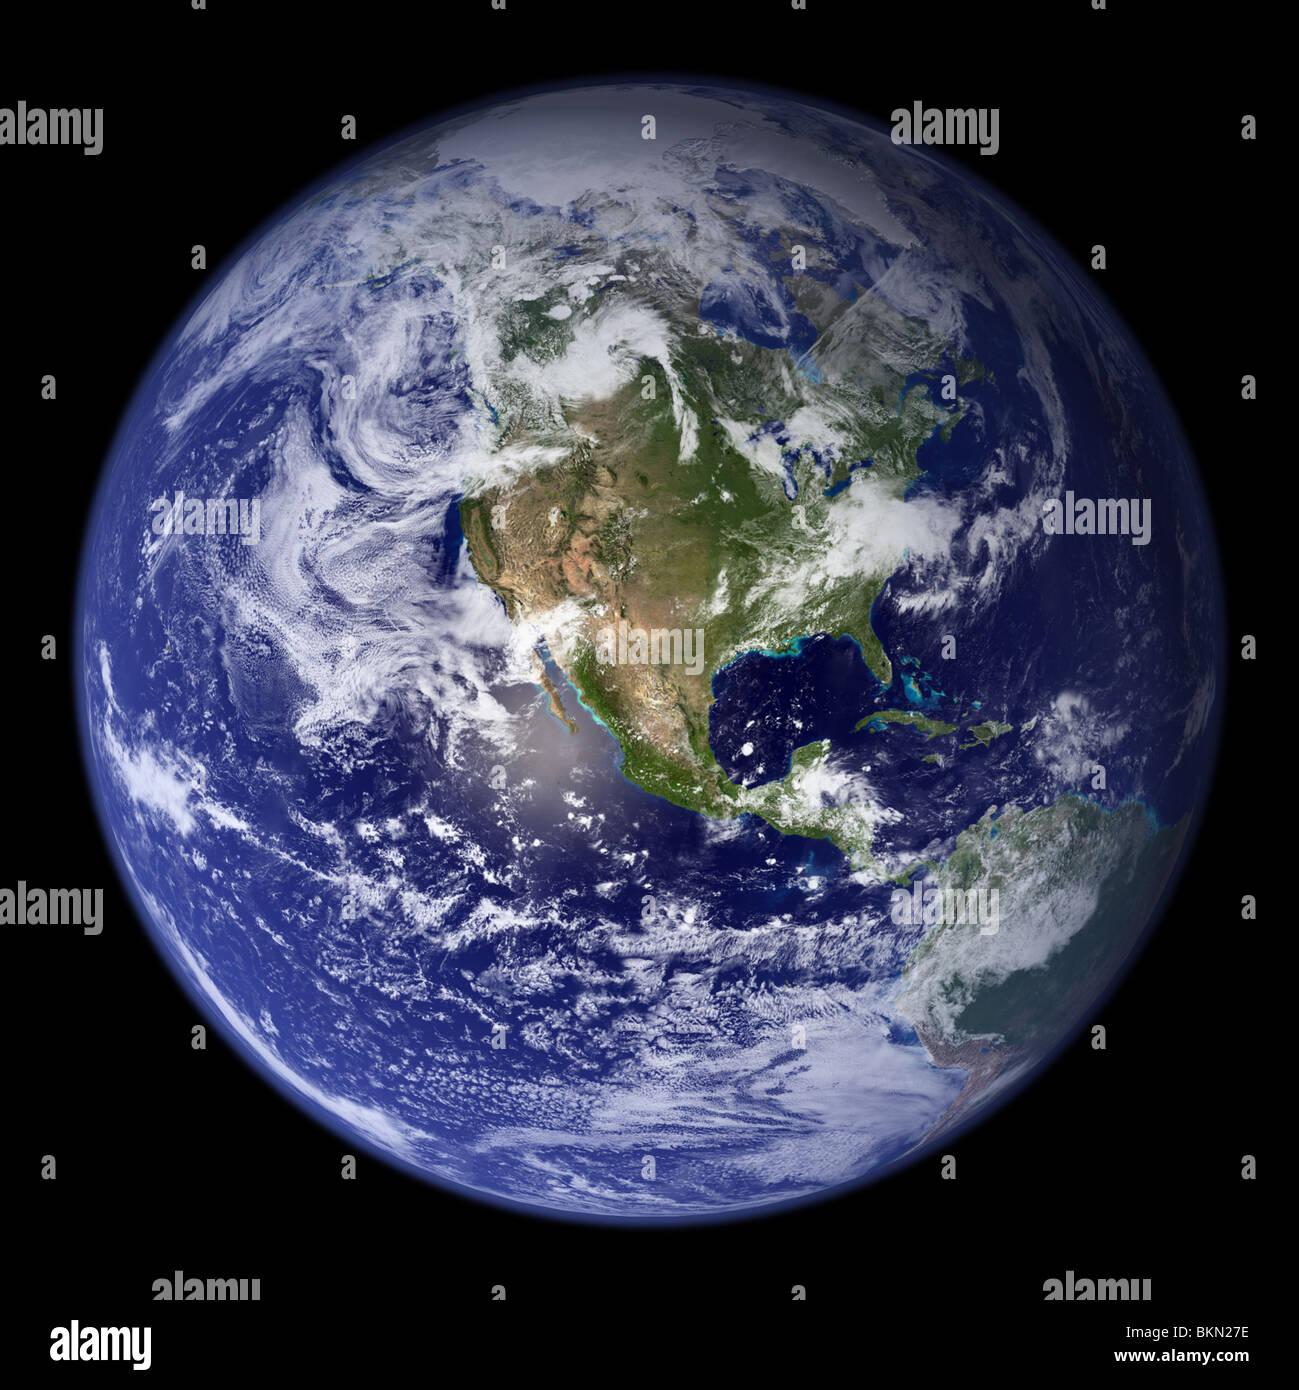 La tierra vista desde el espacio, con América del Norte visible. Imagen De Stock